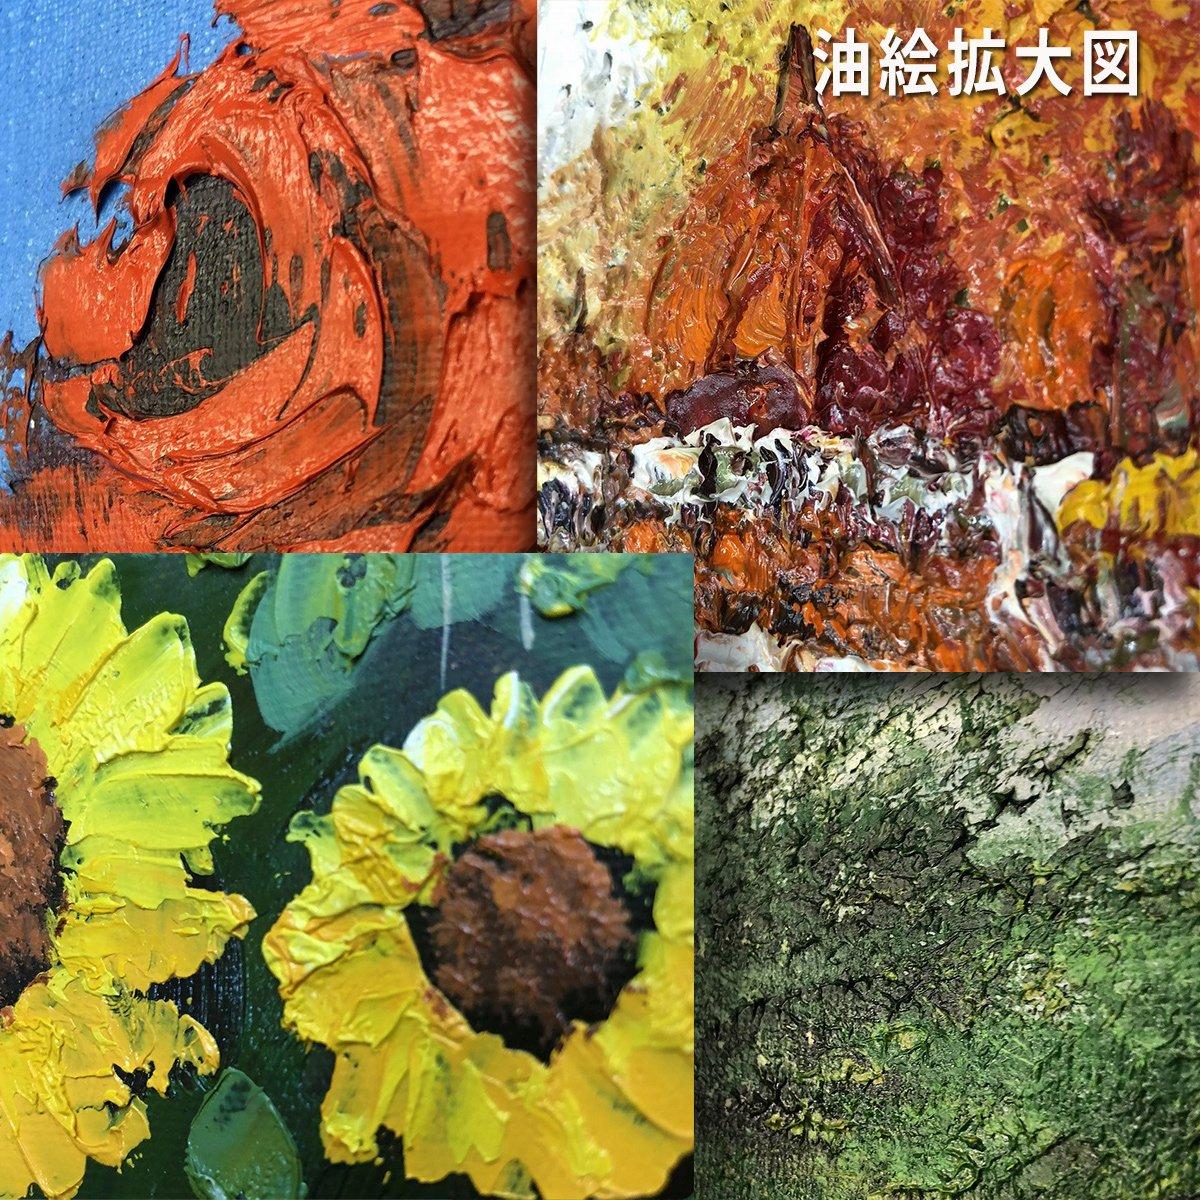 【手描き油絵】足立 弘樹 ひまわり畑1 F6 画家本人手描き絵画/額入り 絵画 絵